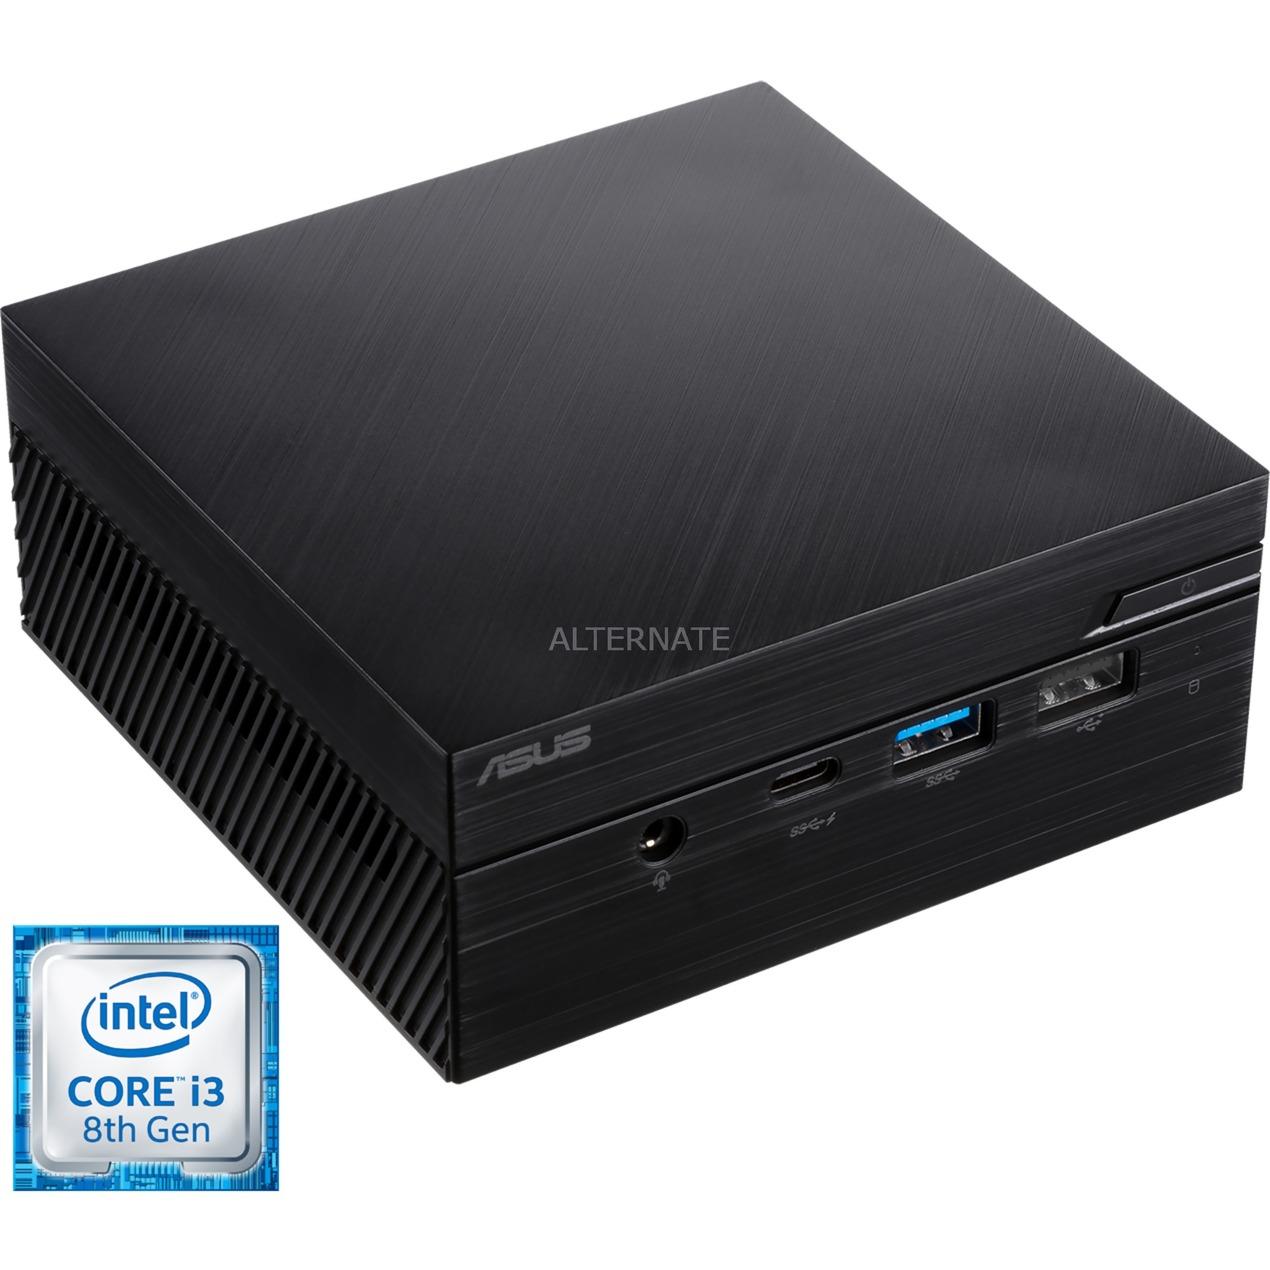 90MS01D1-M00460 PCs/estación de trabajo 8ª generación de procesadores Intel Core i3 8 GB DDR4-SDRAM 128 GB SSD Negro Mini PC, Mini-PC